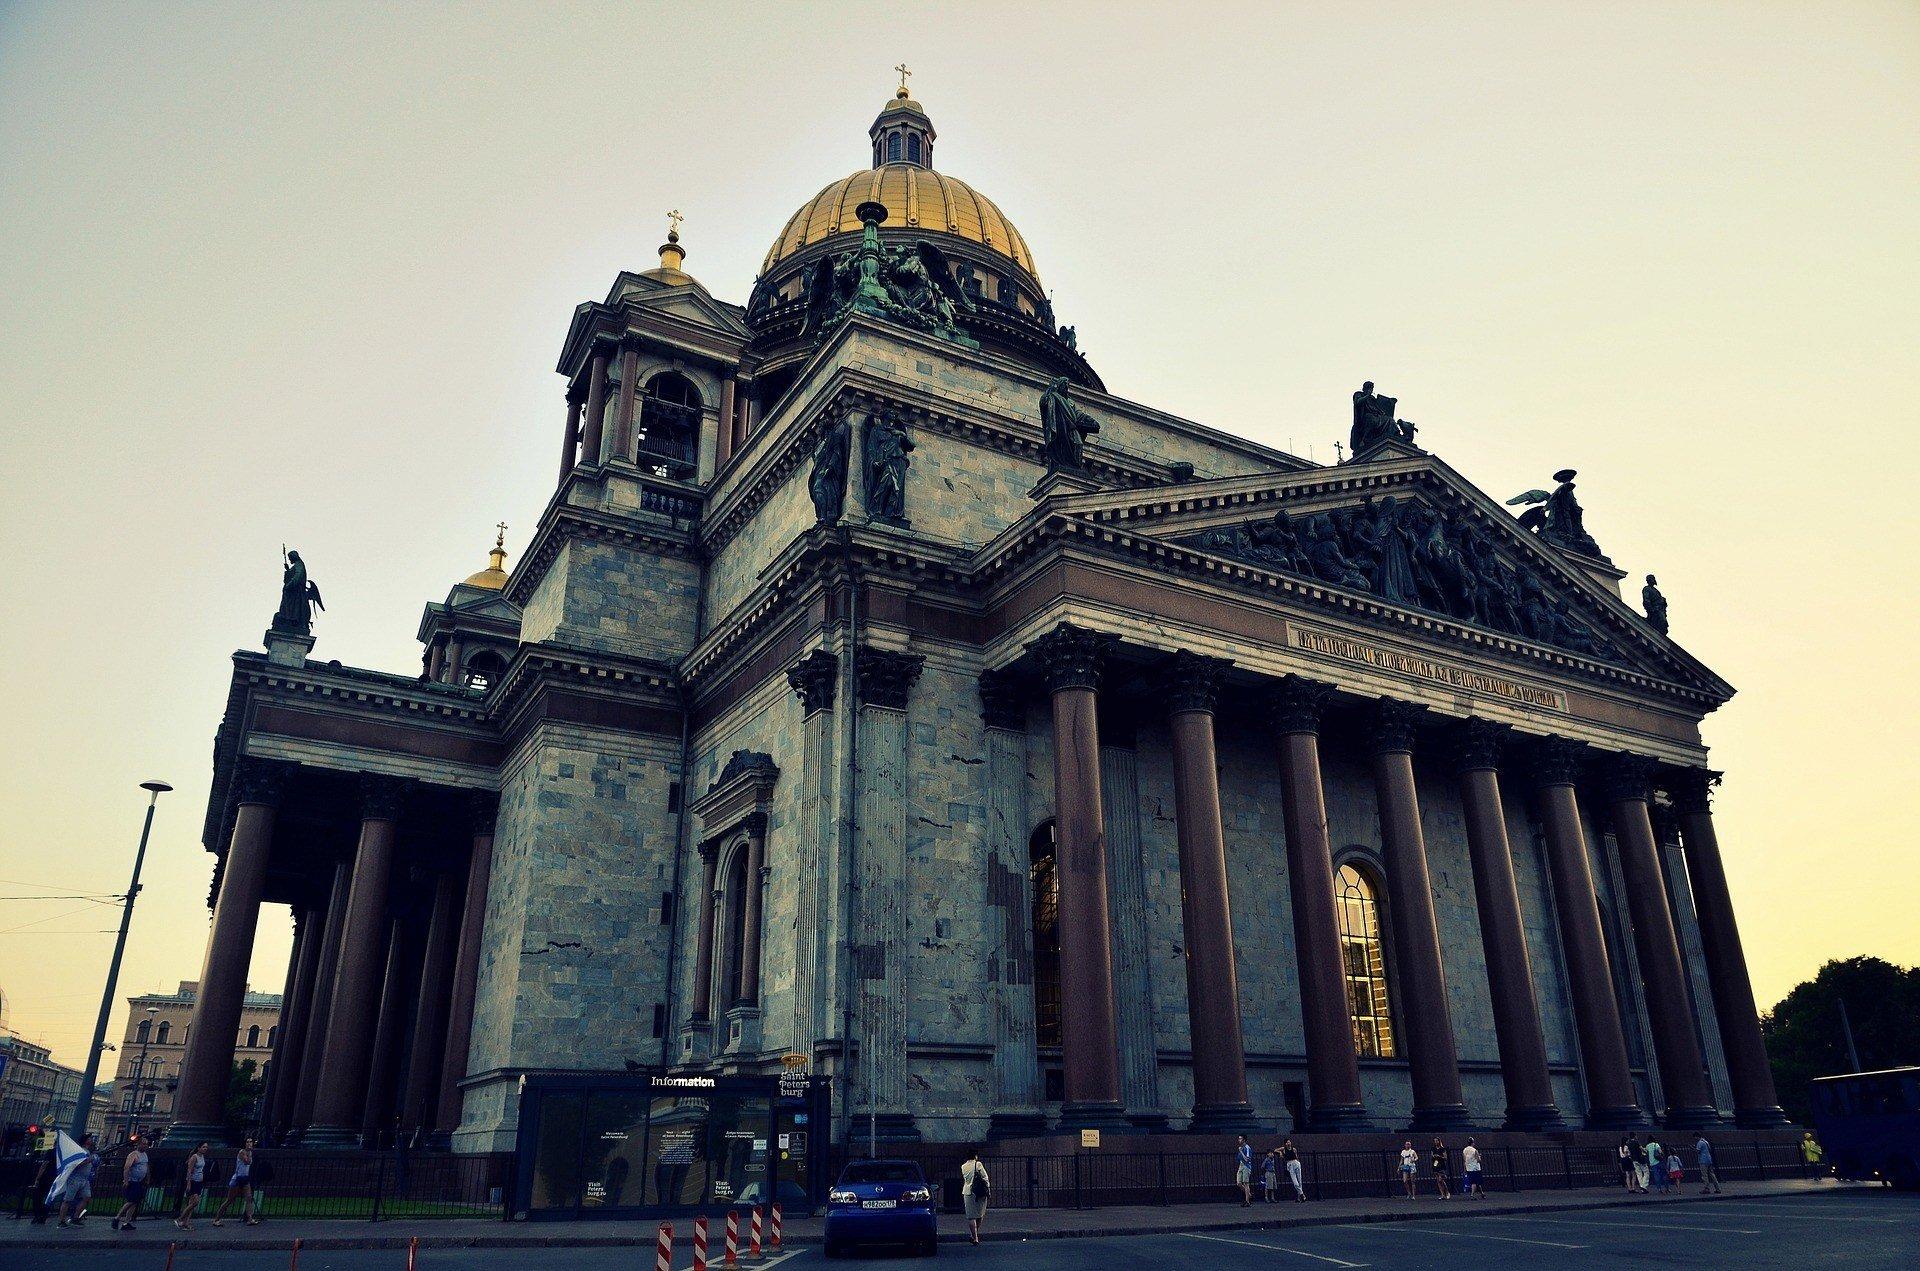 Tsentralny, St Petersburg